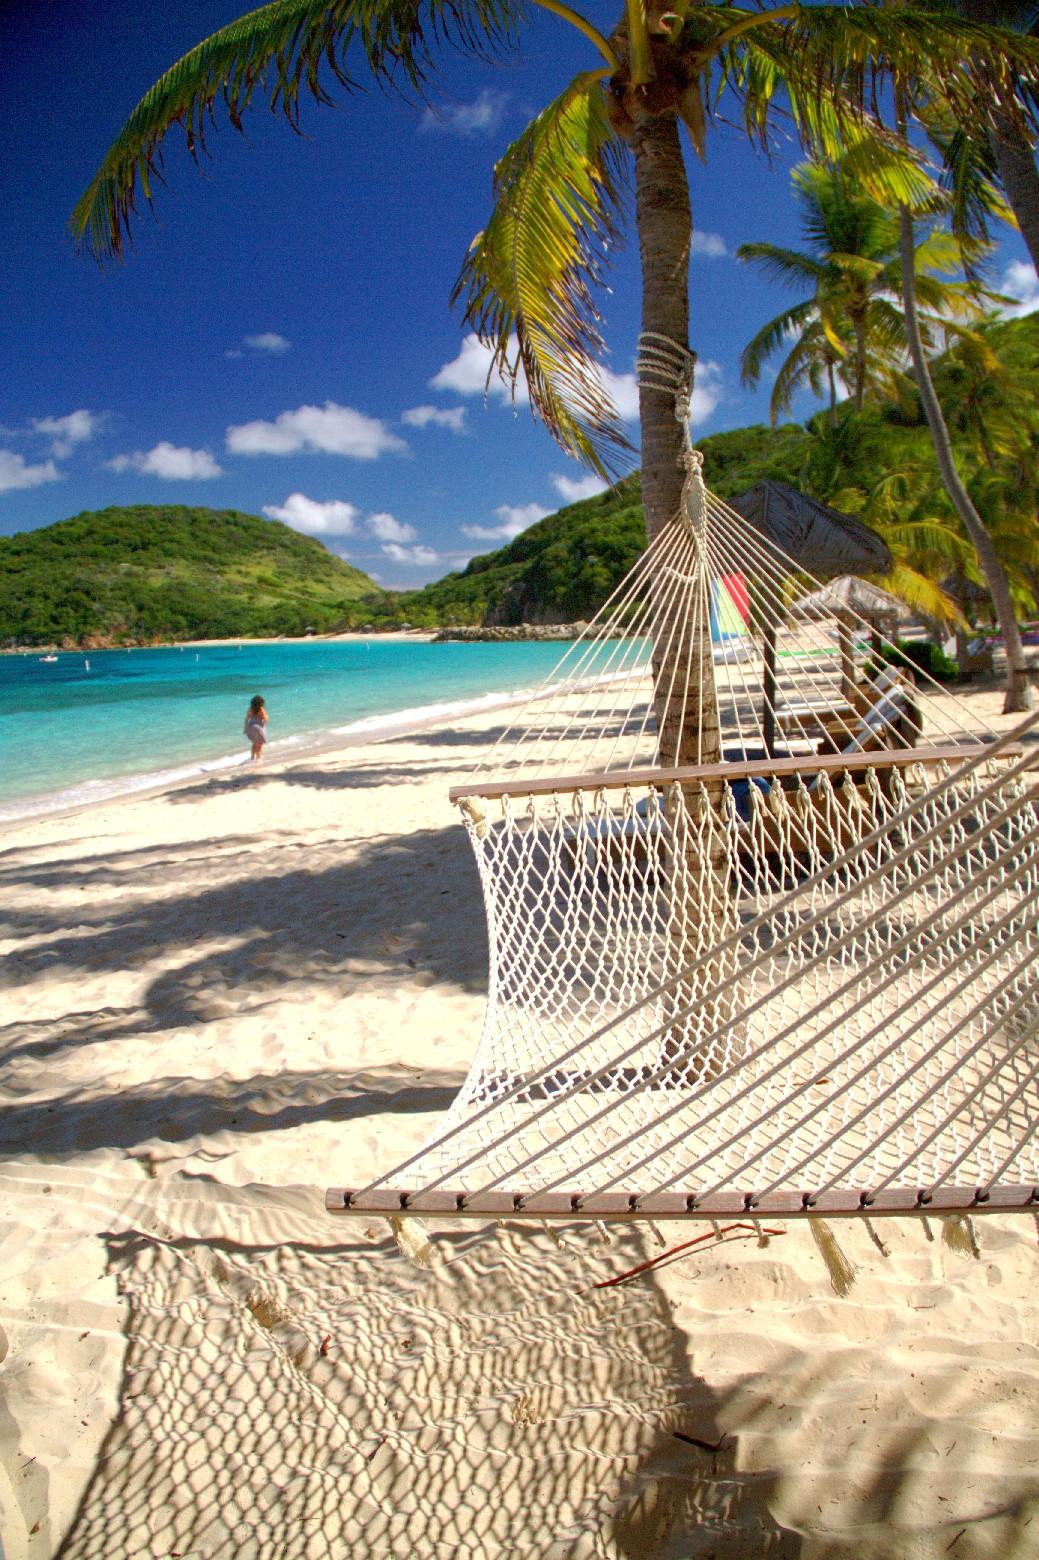 Peter Island possui cinco áreas exclusivas para banho de mar e 20 enseadas